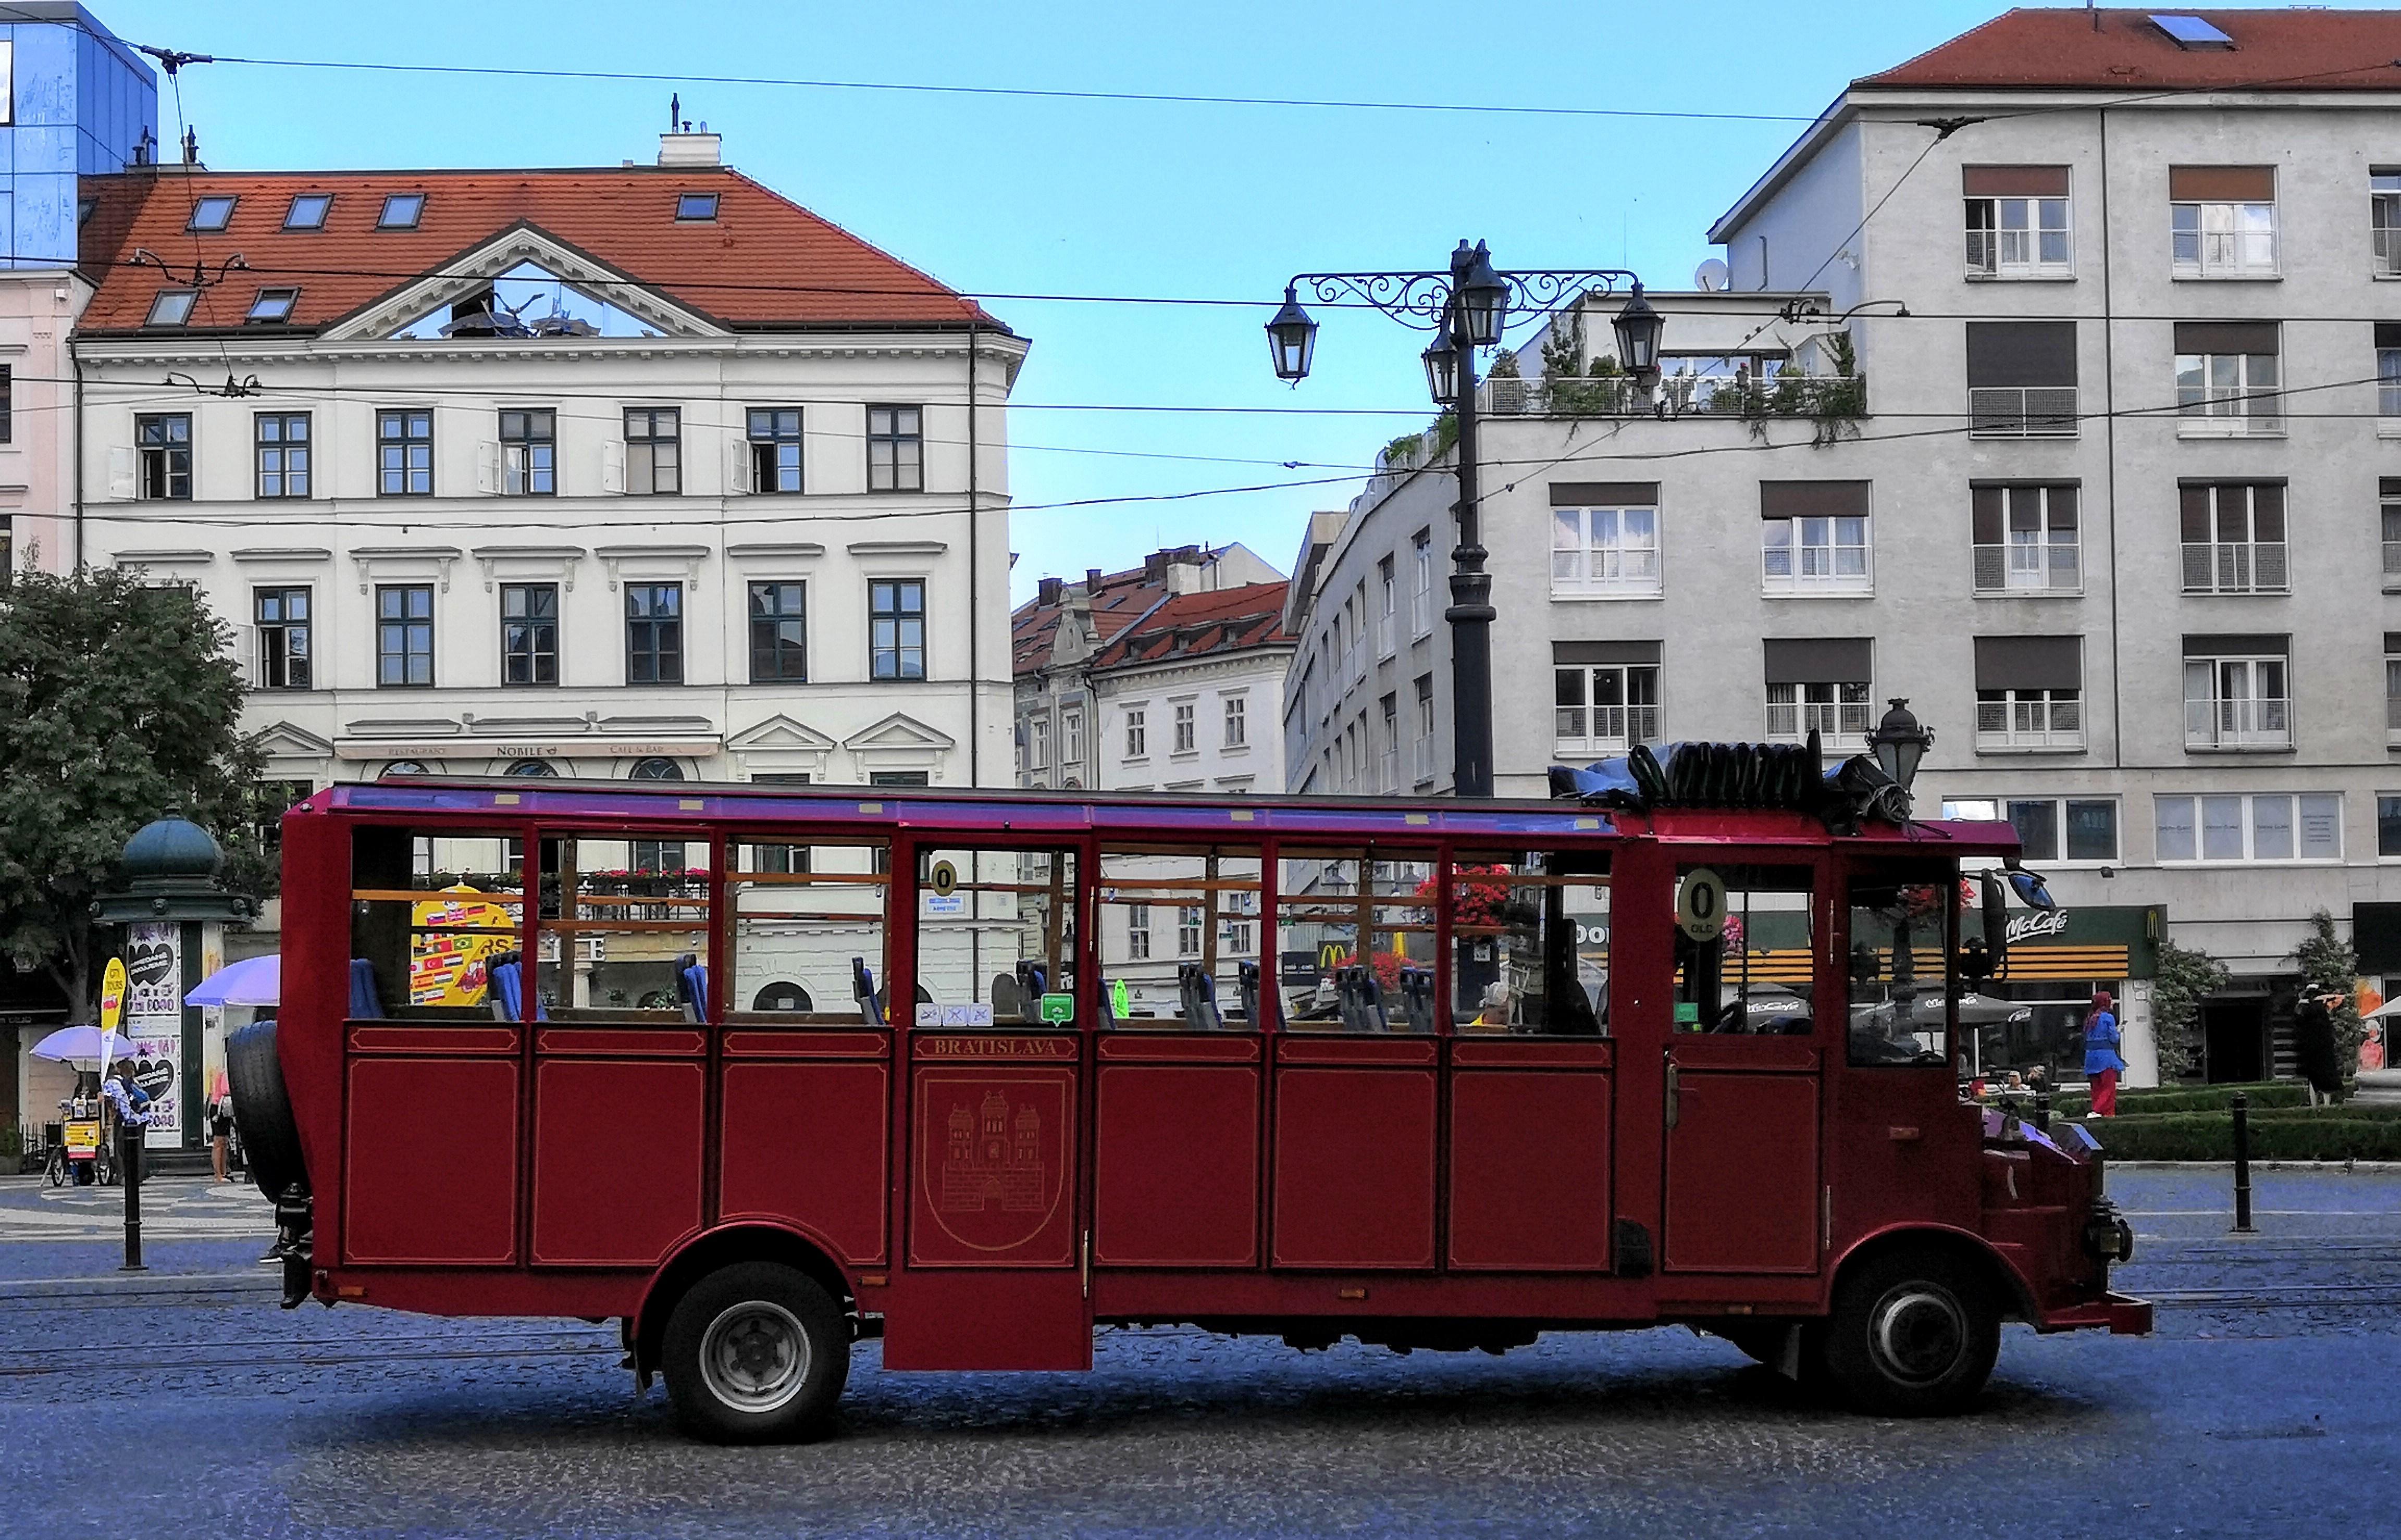 bratislava-bus.jpg